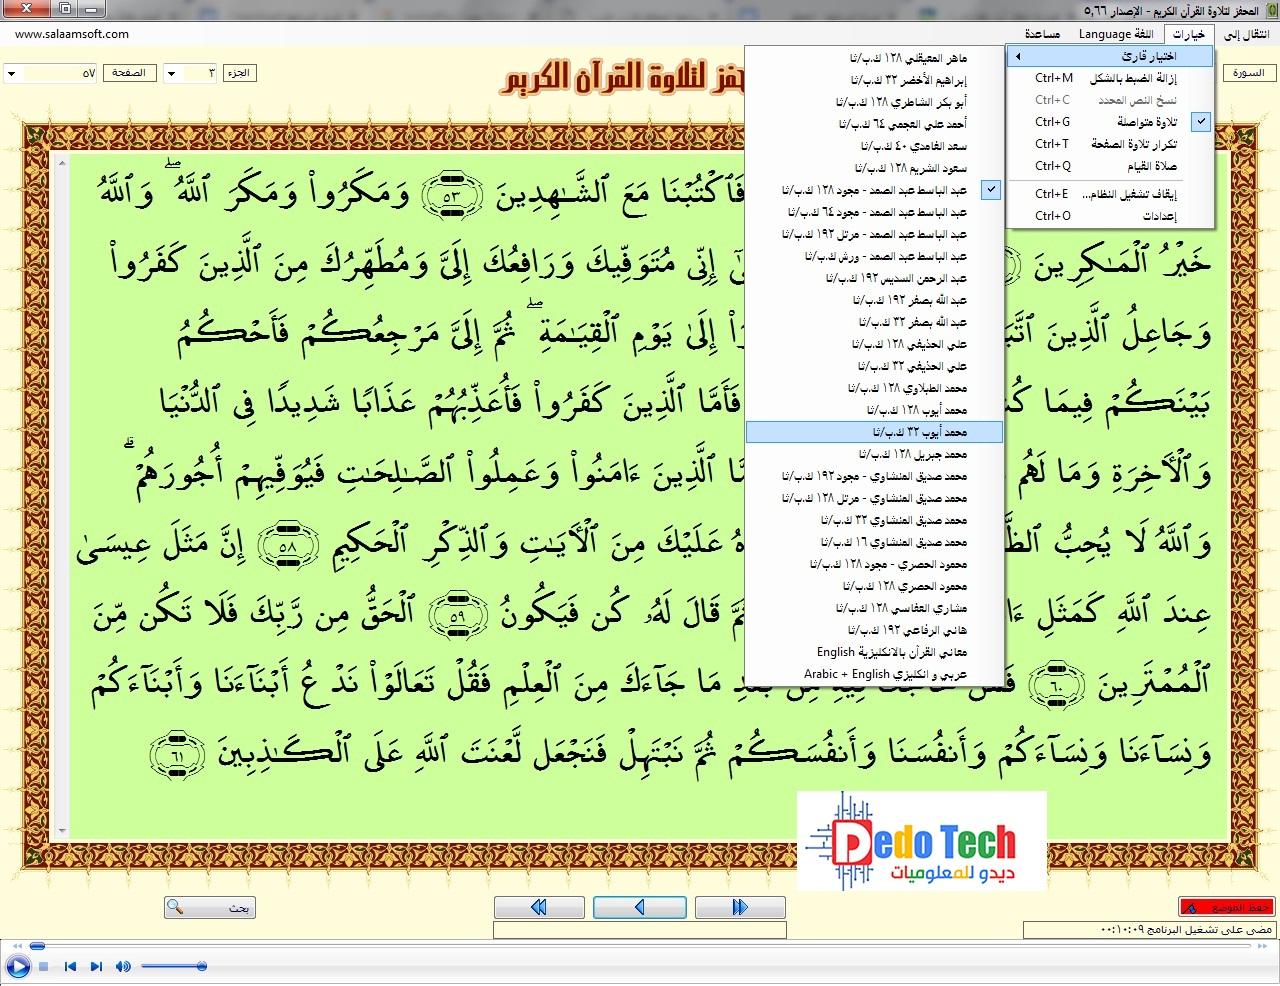 قائمة اشهر قراء العالم الاسلامى داخل برنامج المحفز